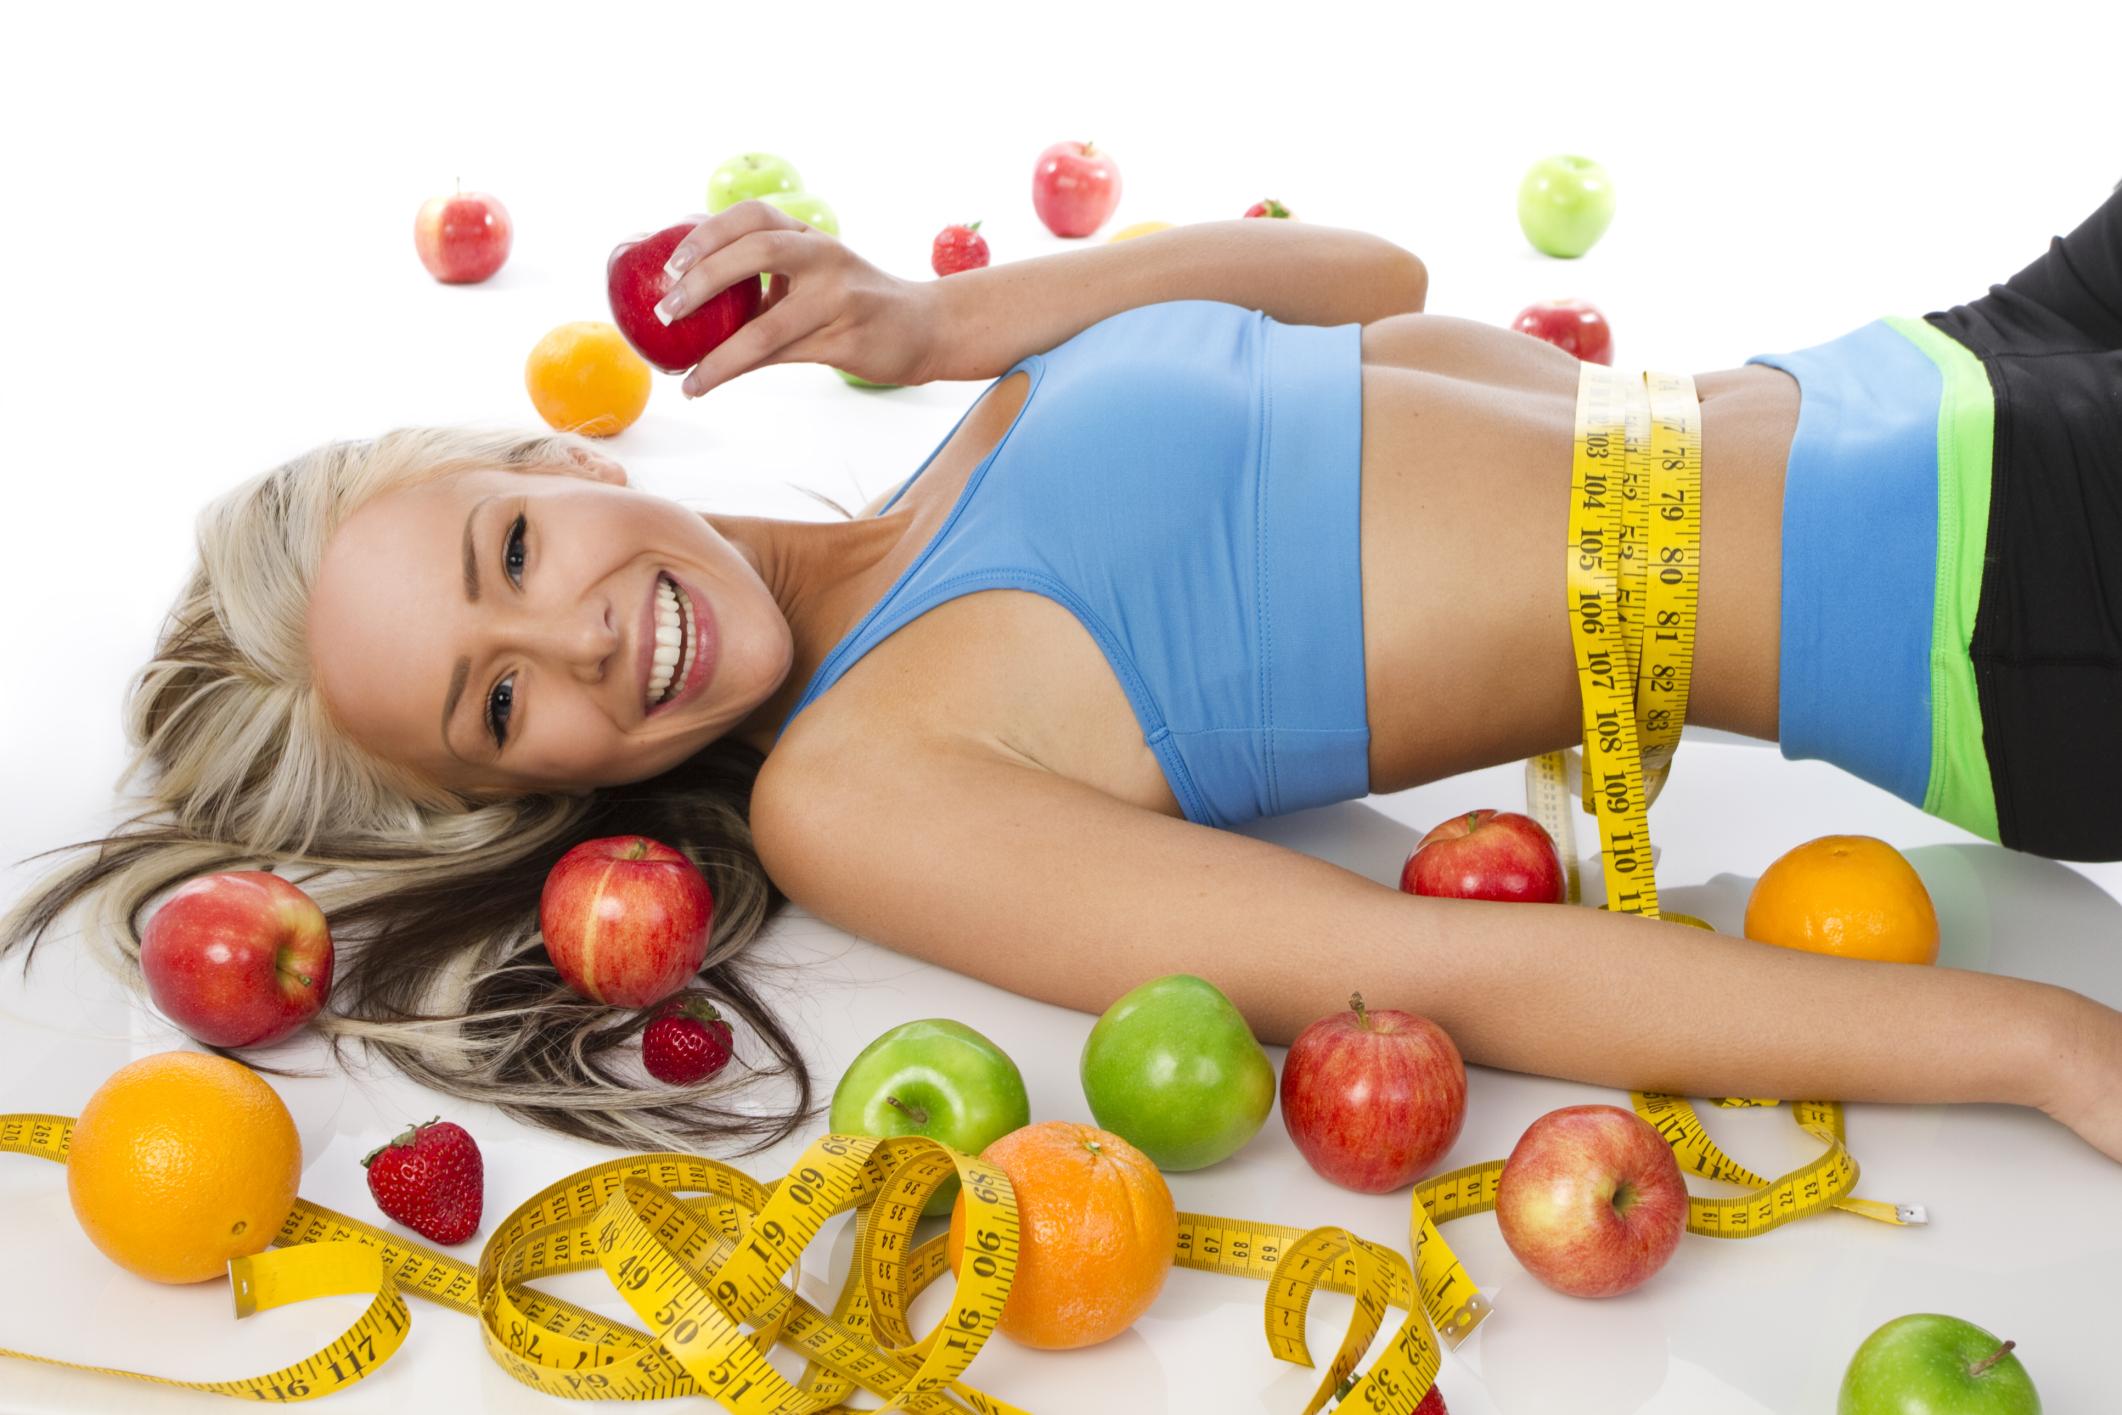 Как питаться, чтобы похудеть: советы эксперта